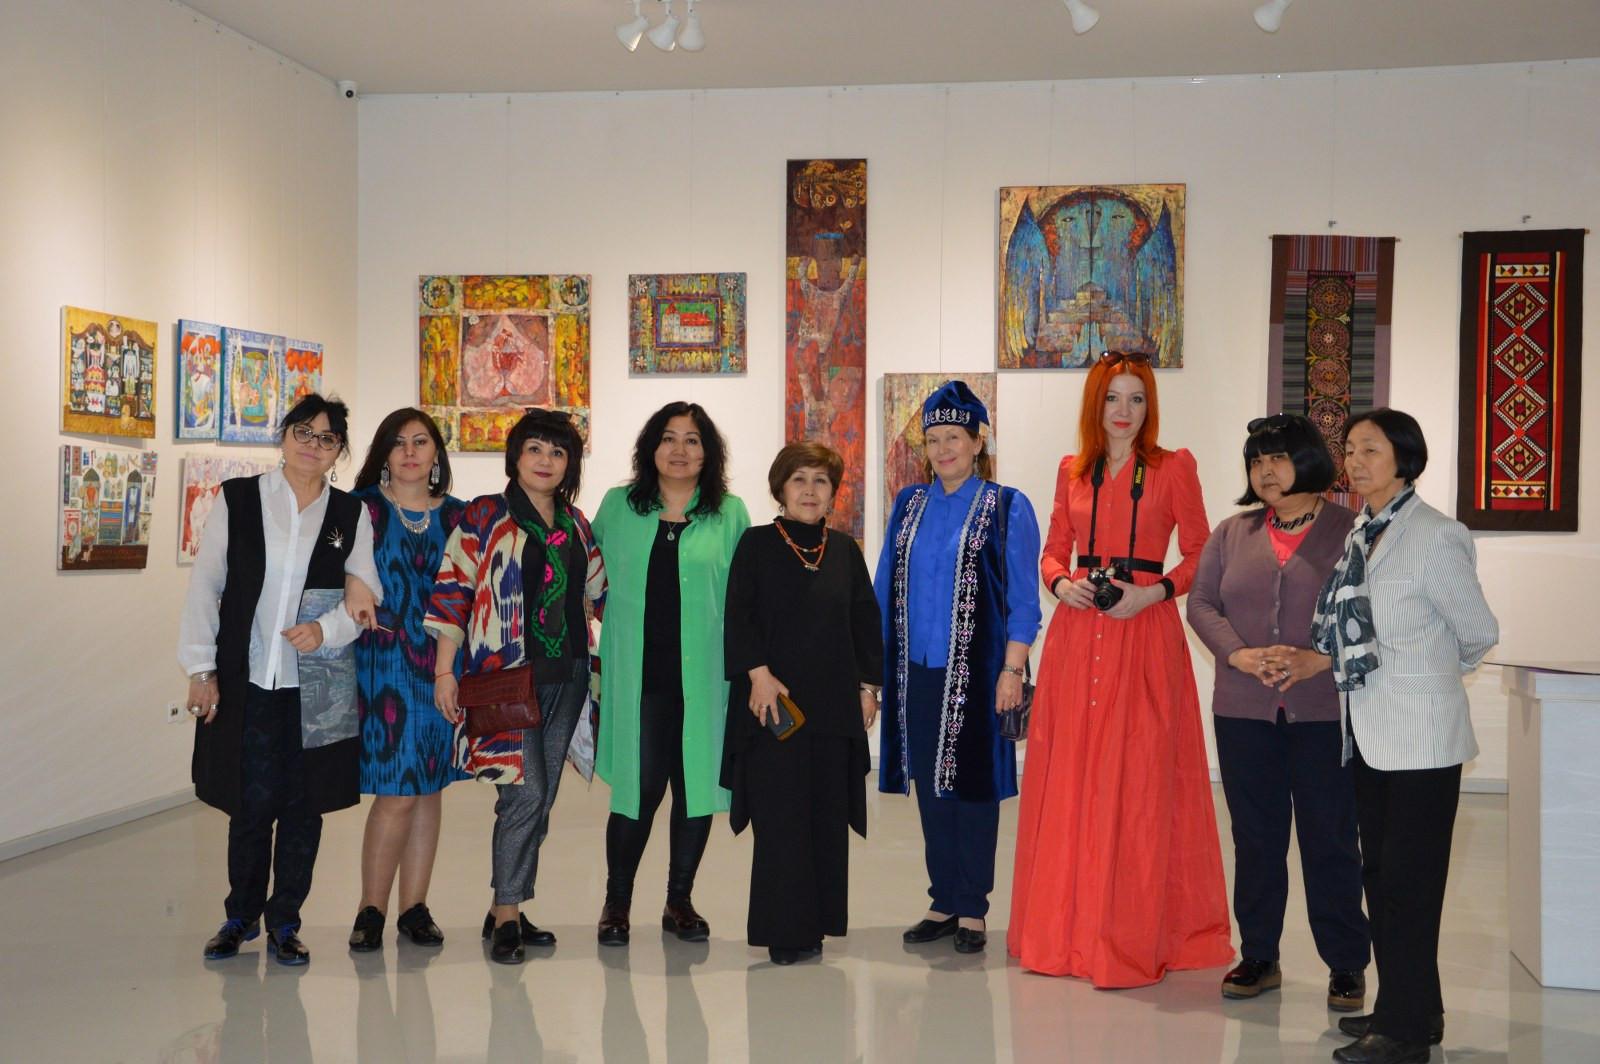 Türk Dünyasından Kadın Sanatçılar İstanbul'da Buluştu Galeri - 19. Resim